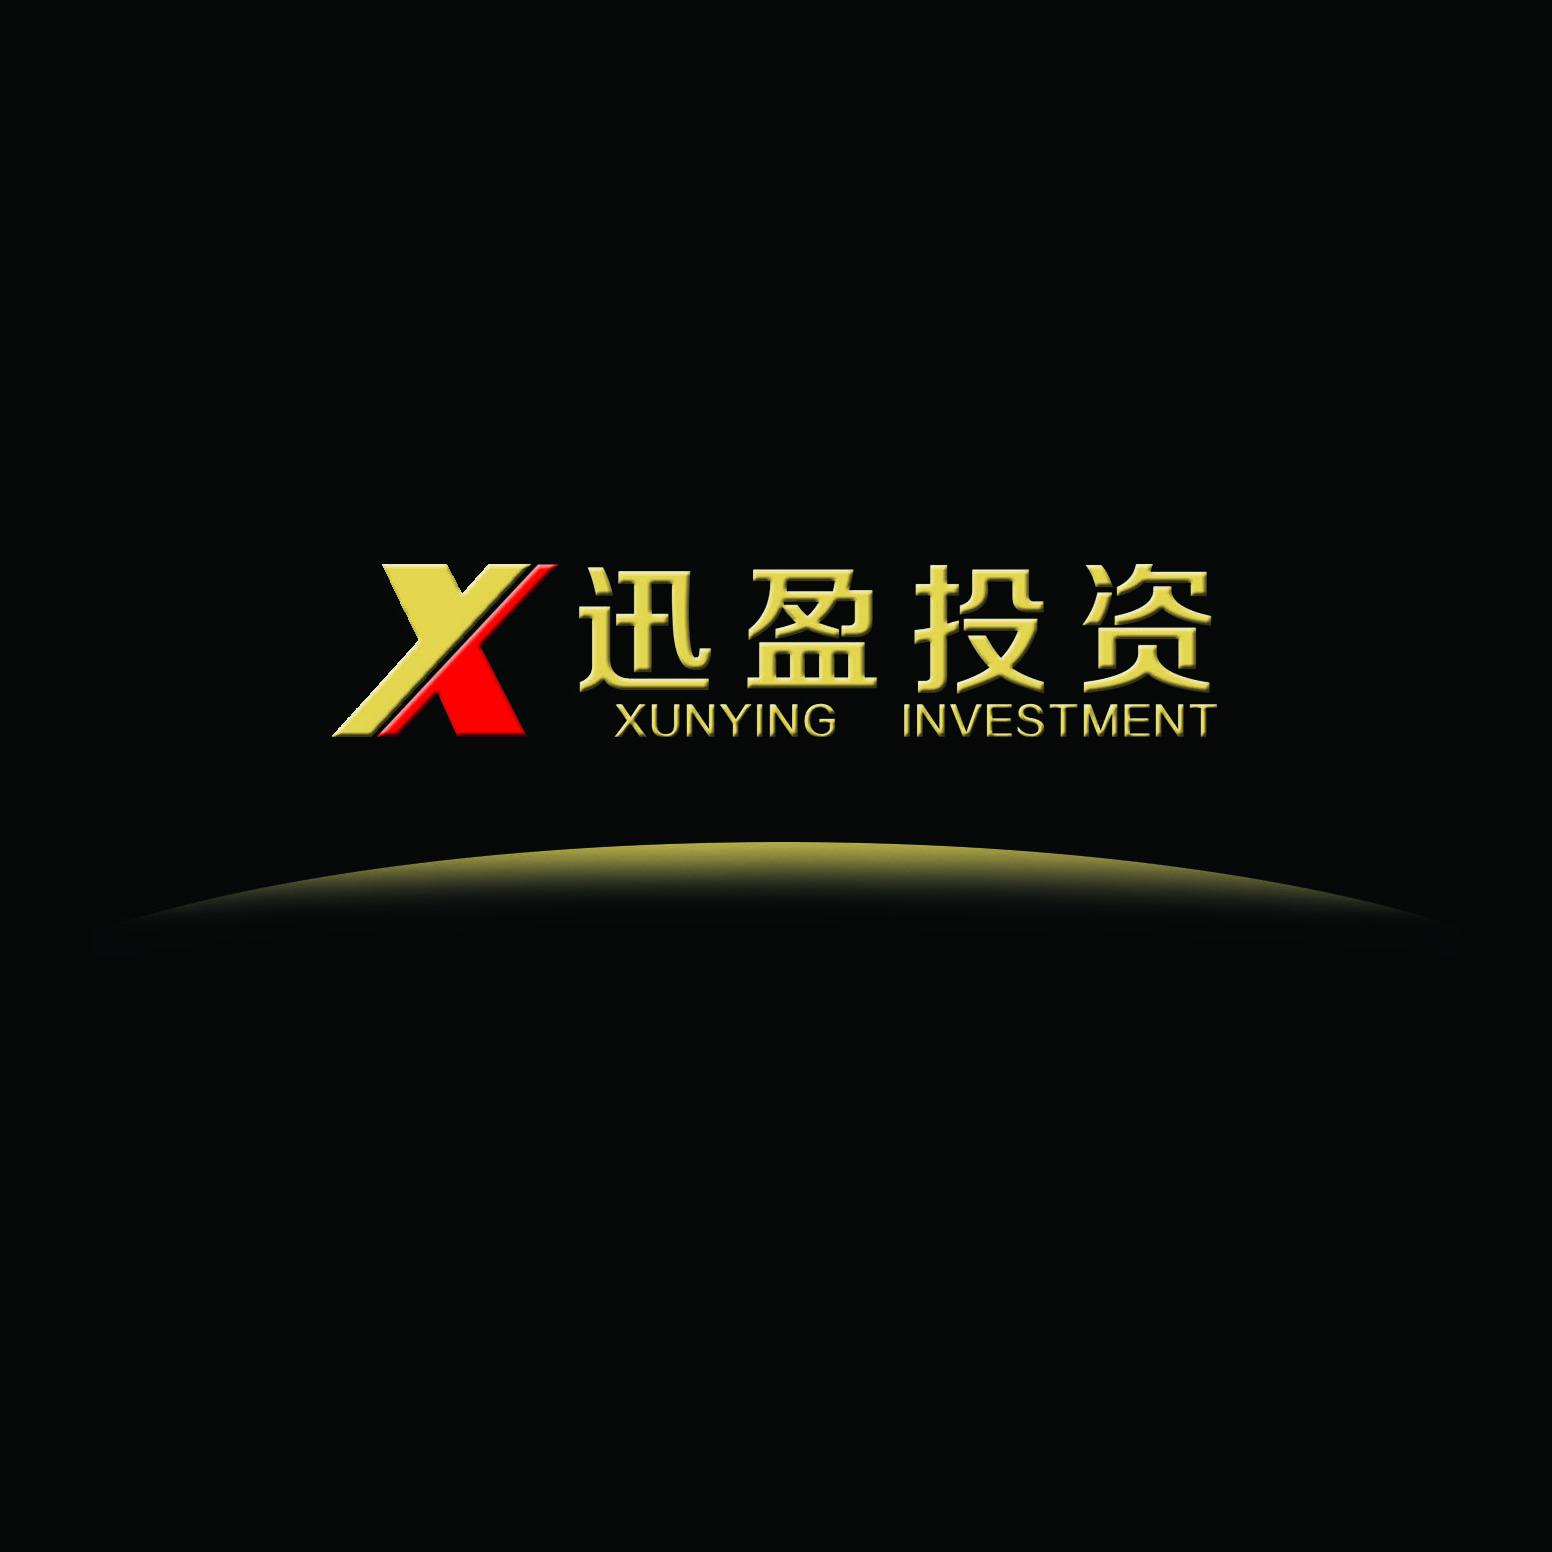 广州迅盈投资有限公司logo